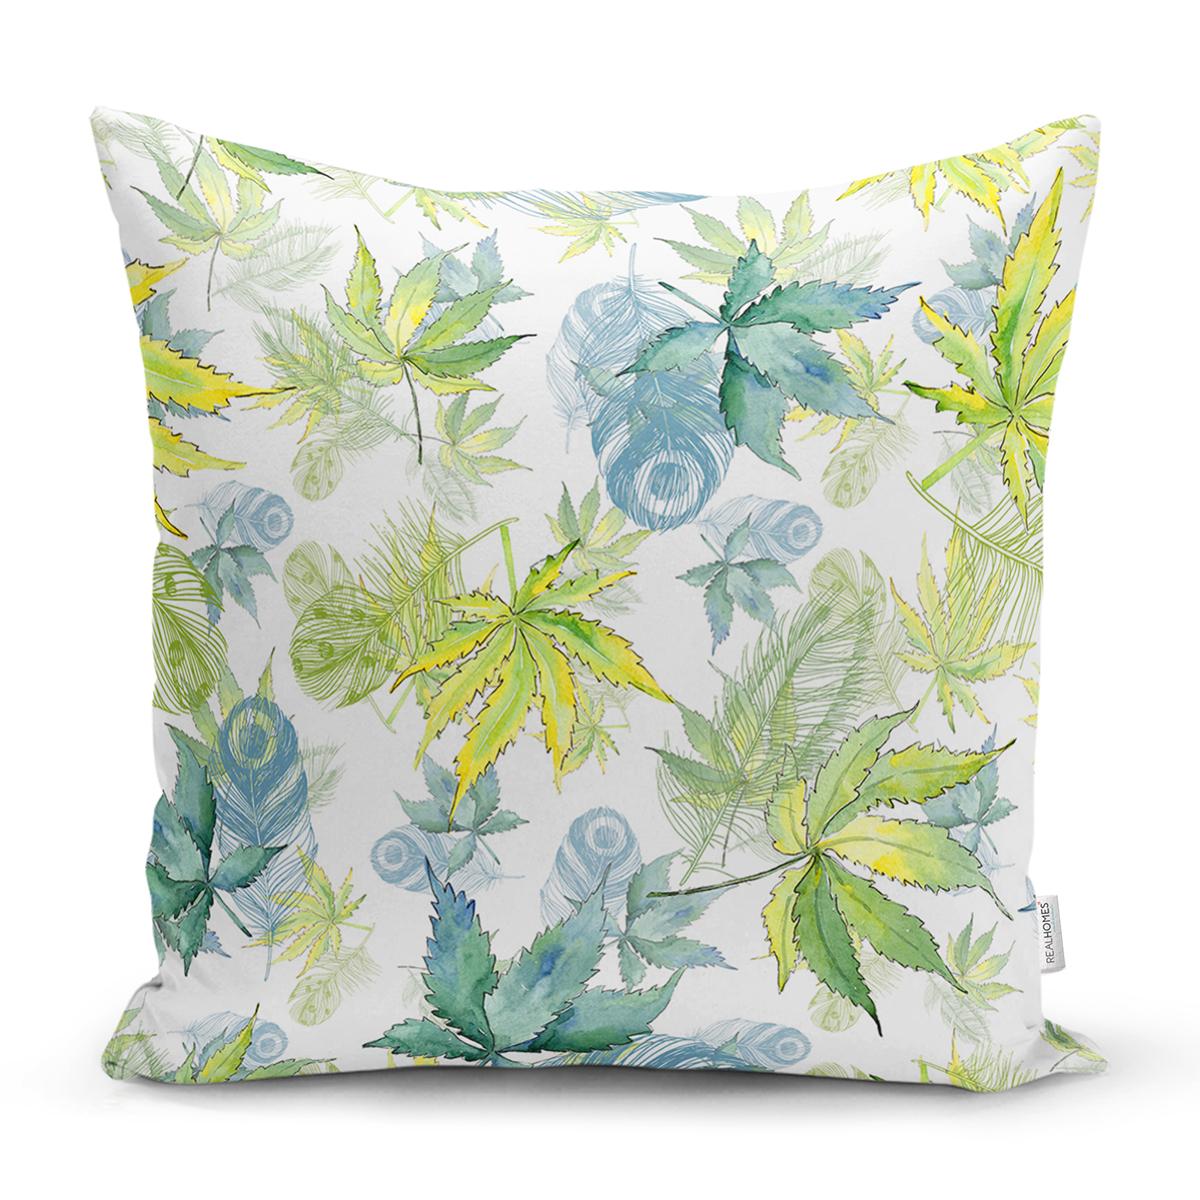 Beyaz Zemin Üzerinde Yeşil Renkli Yaprak Desenli Modern Yastık Kırlent Kılıfı Realhomes